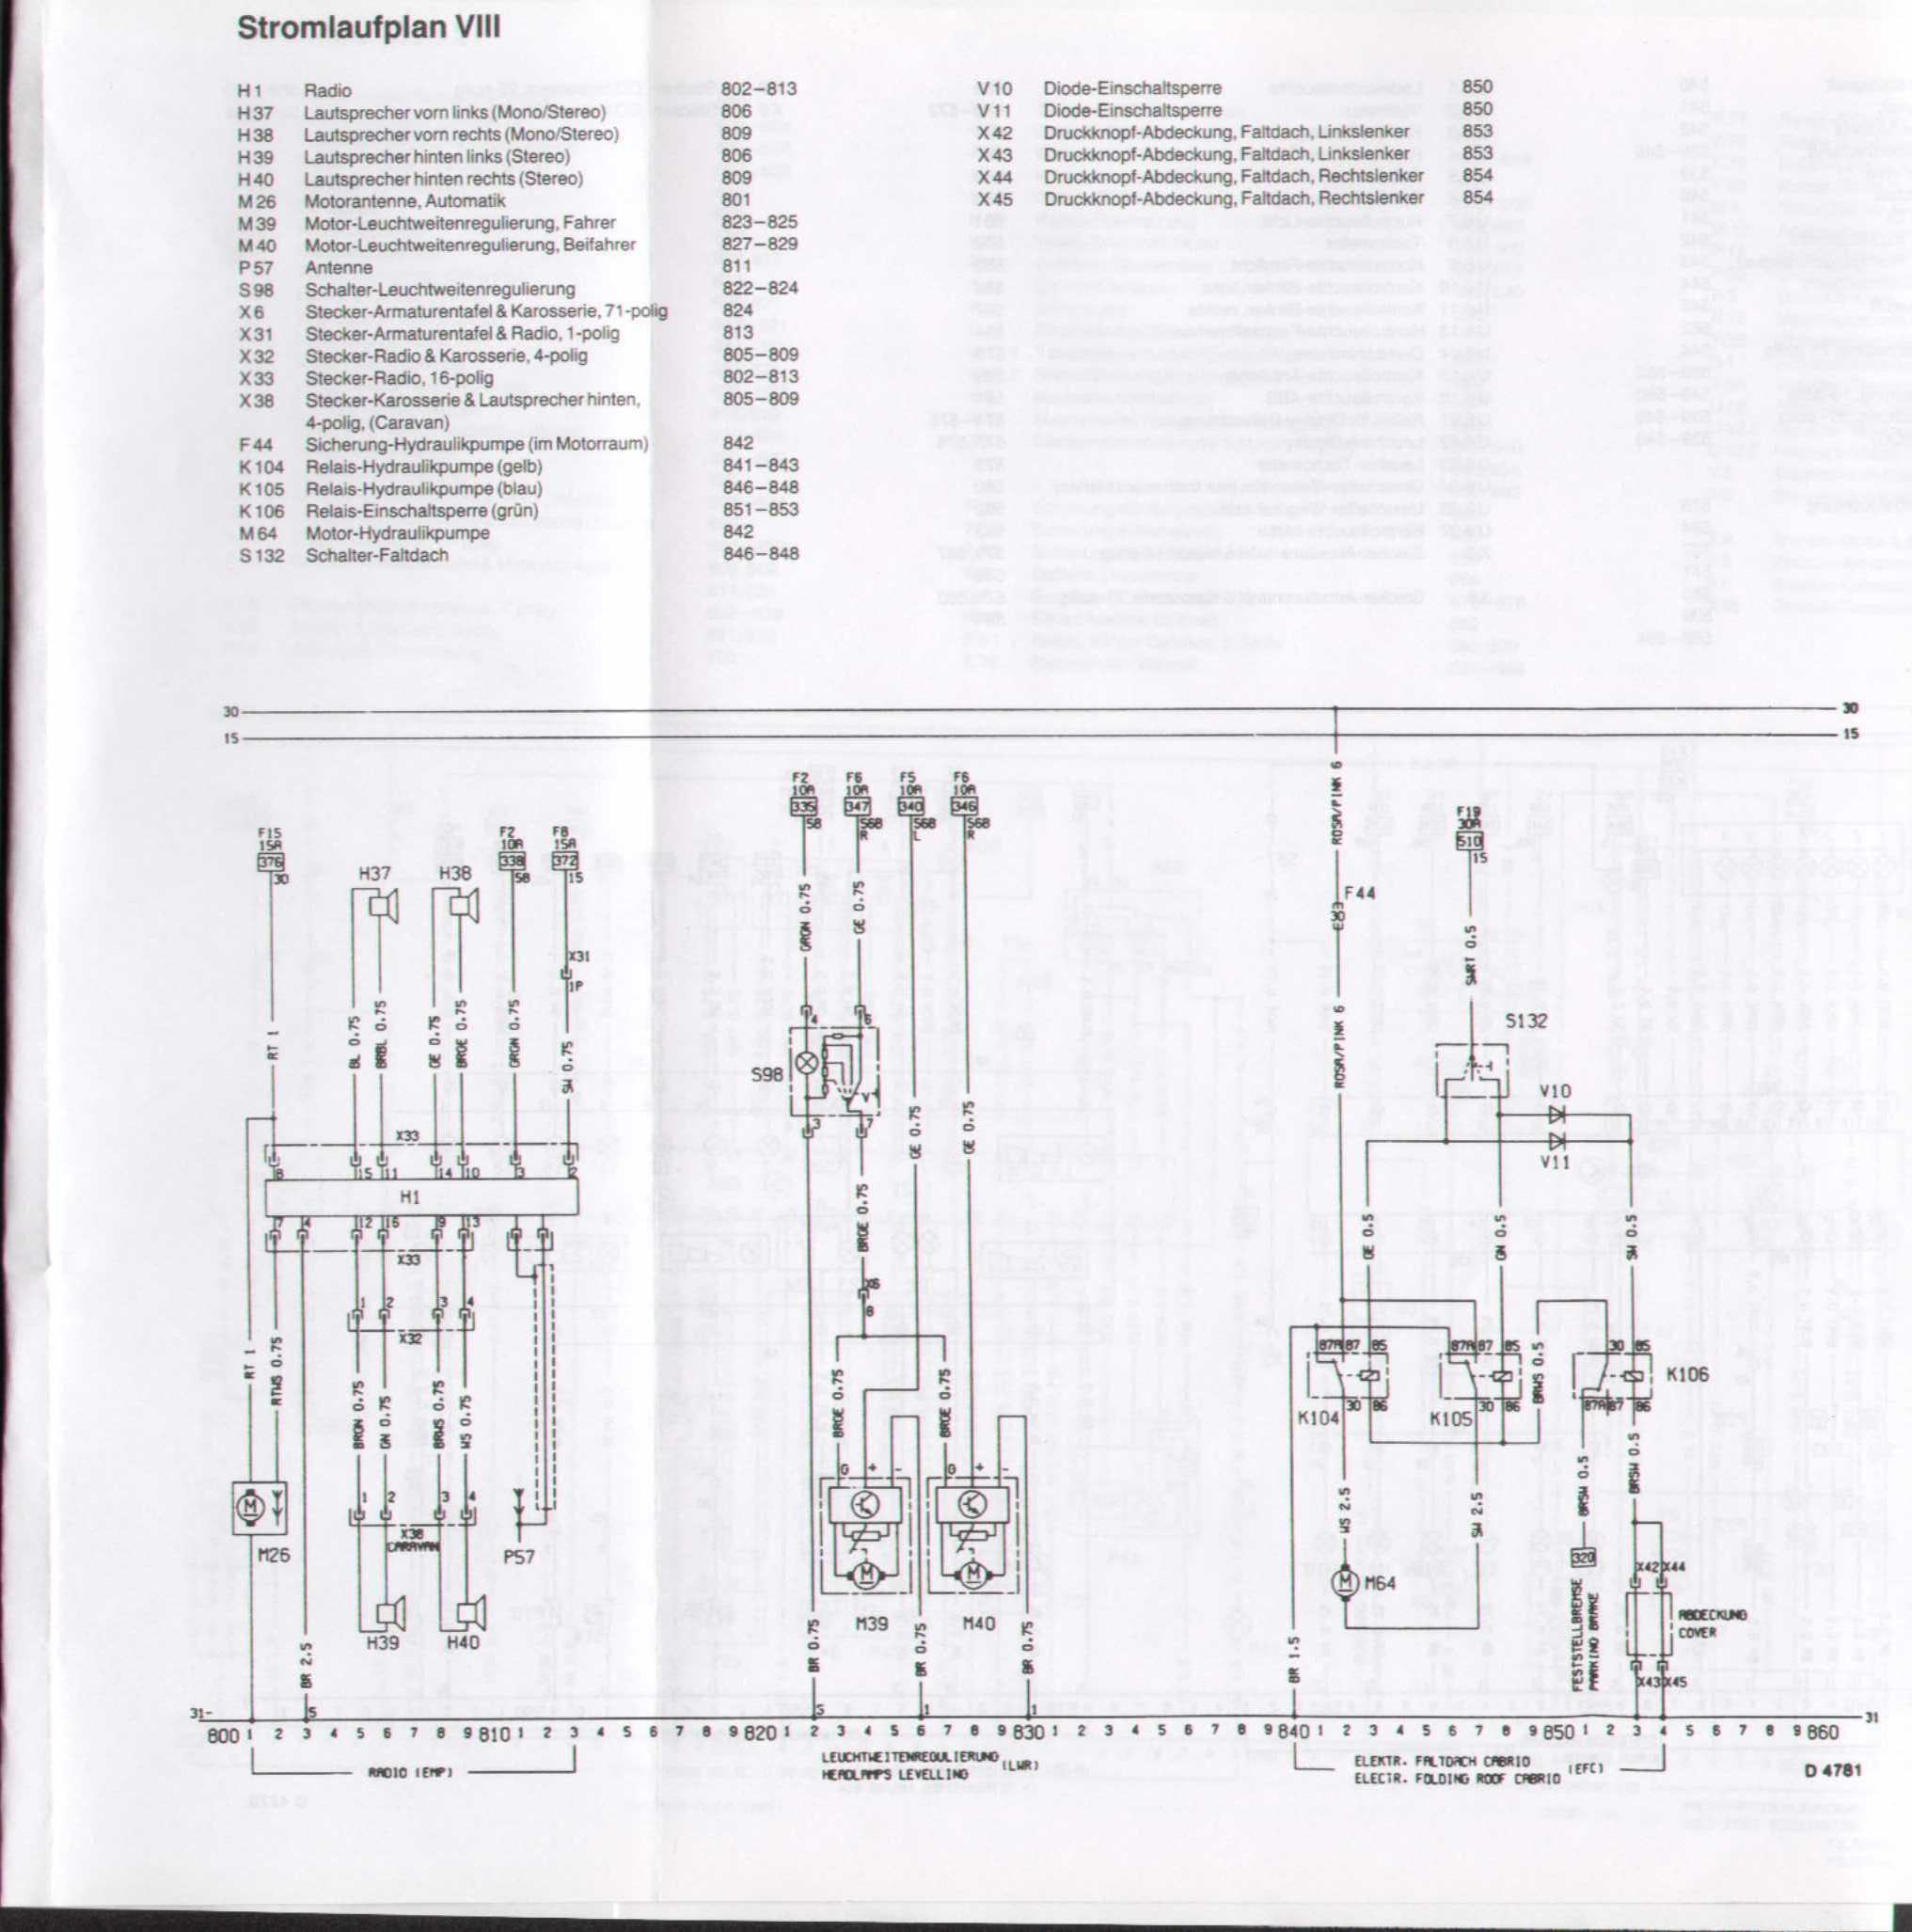 Original Stereo Multi Plug